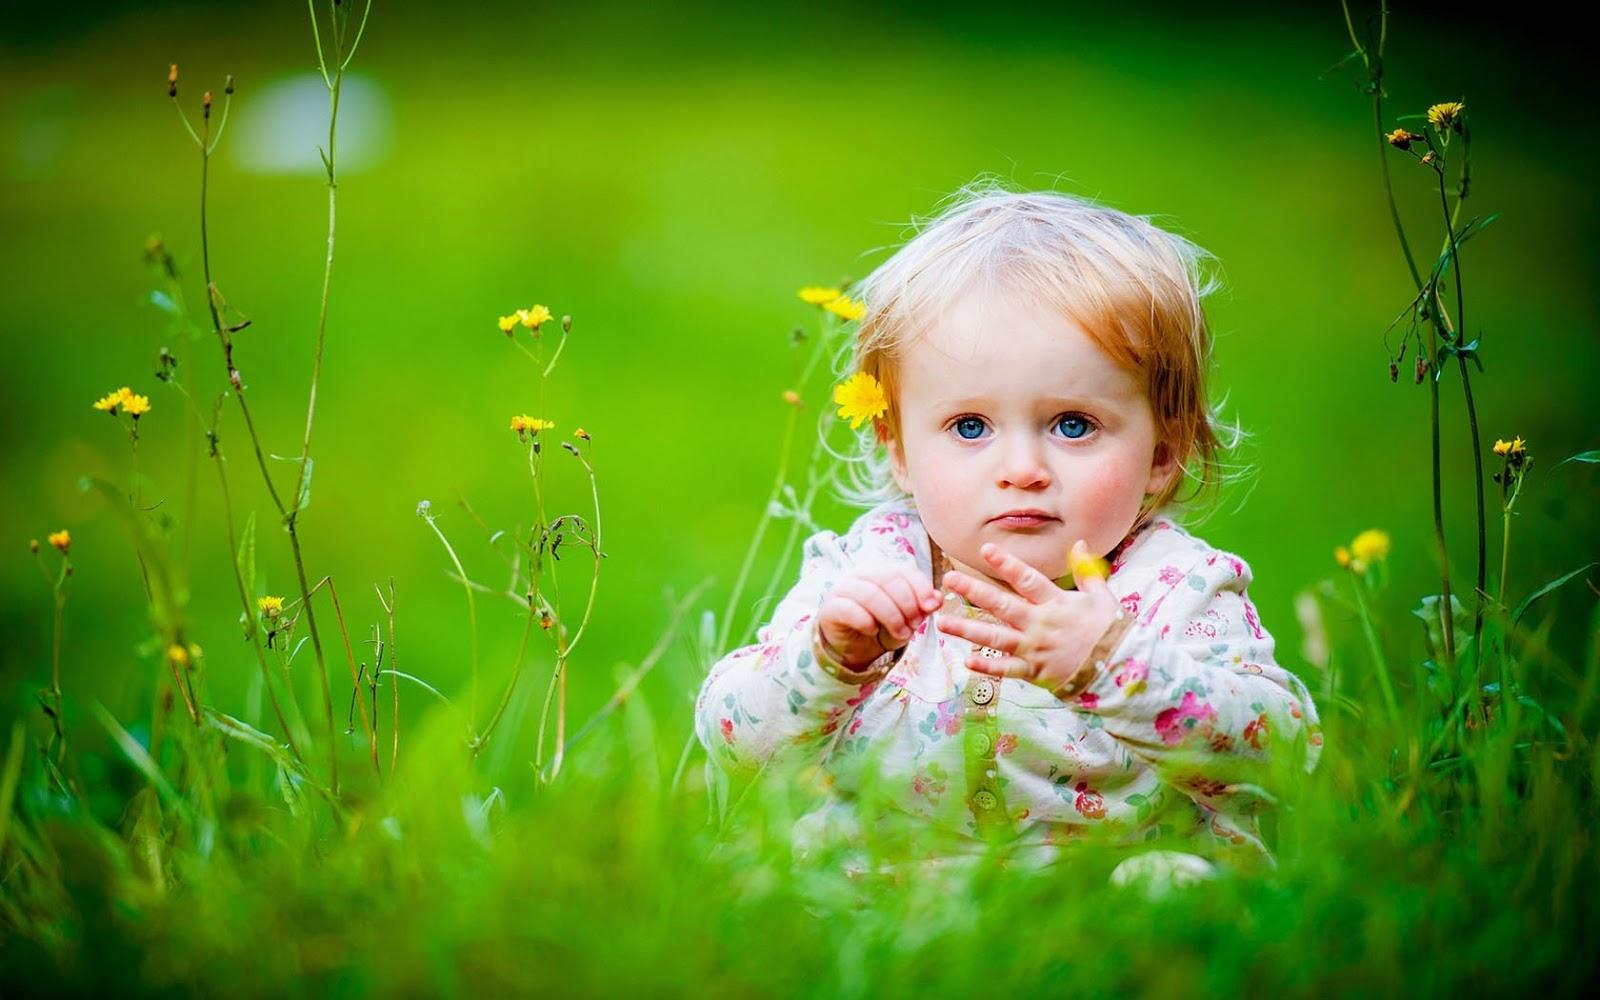 Gambar bayi bermain di taman bunga wallpaper